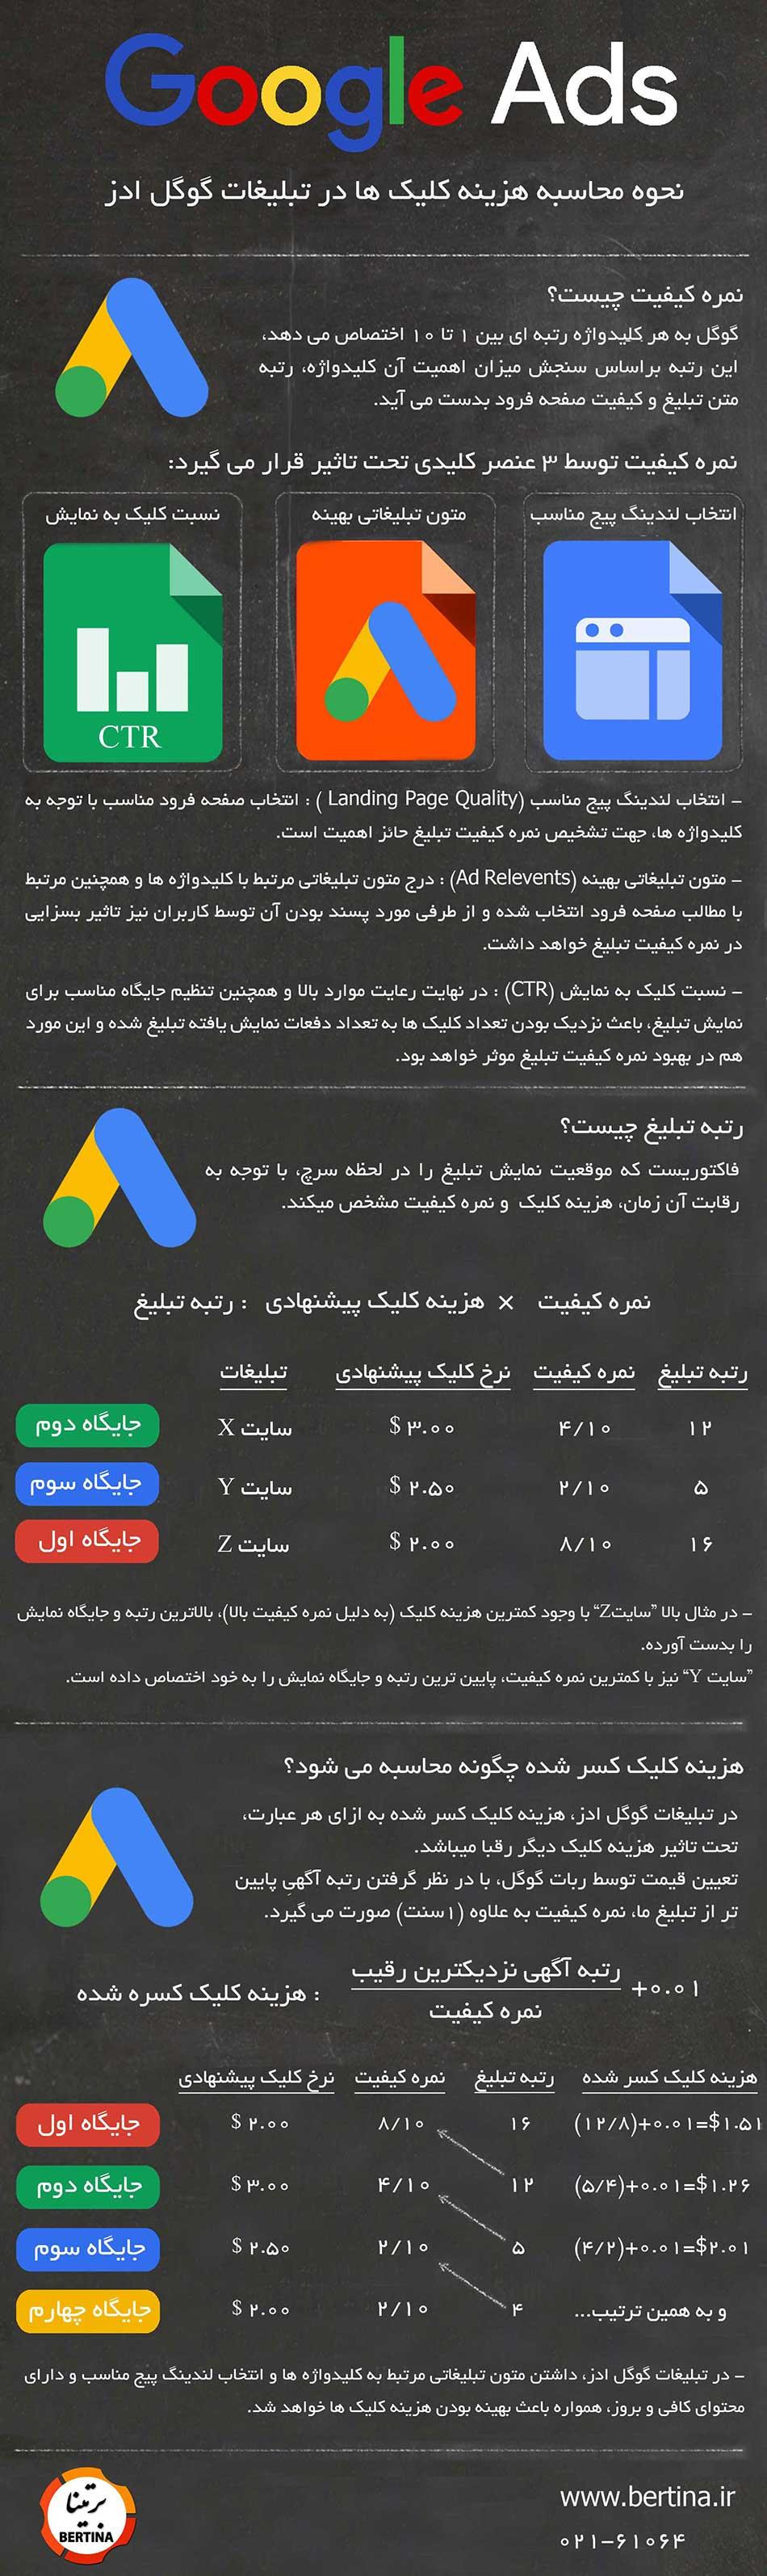 اینفوگرافی هزینه هر کلیک در گوگل ادز